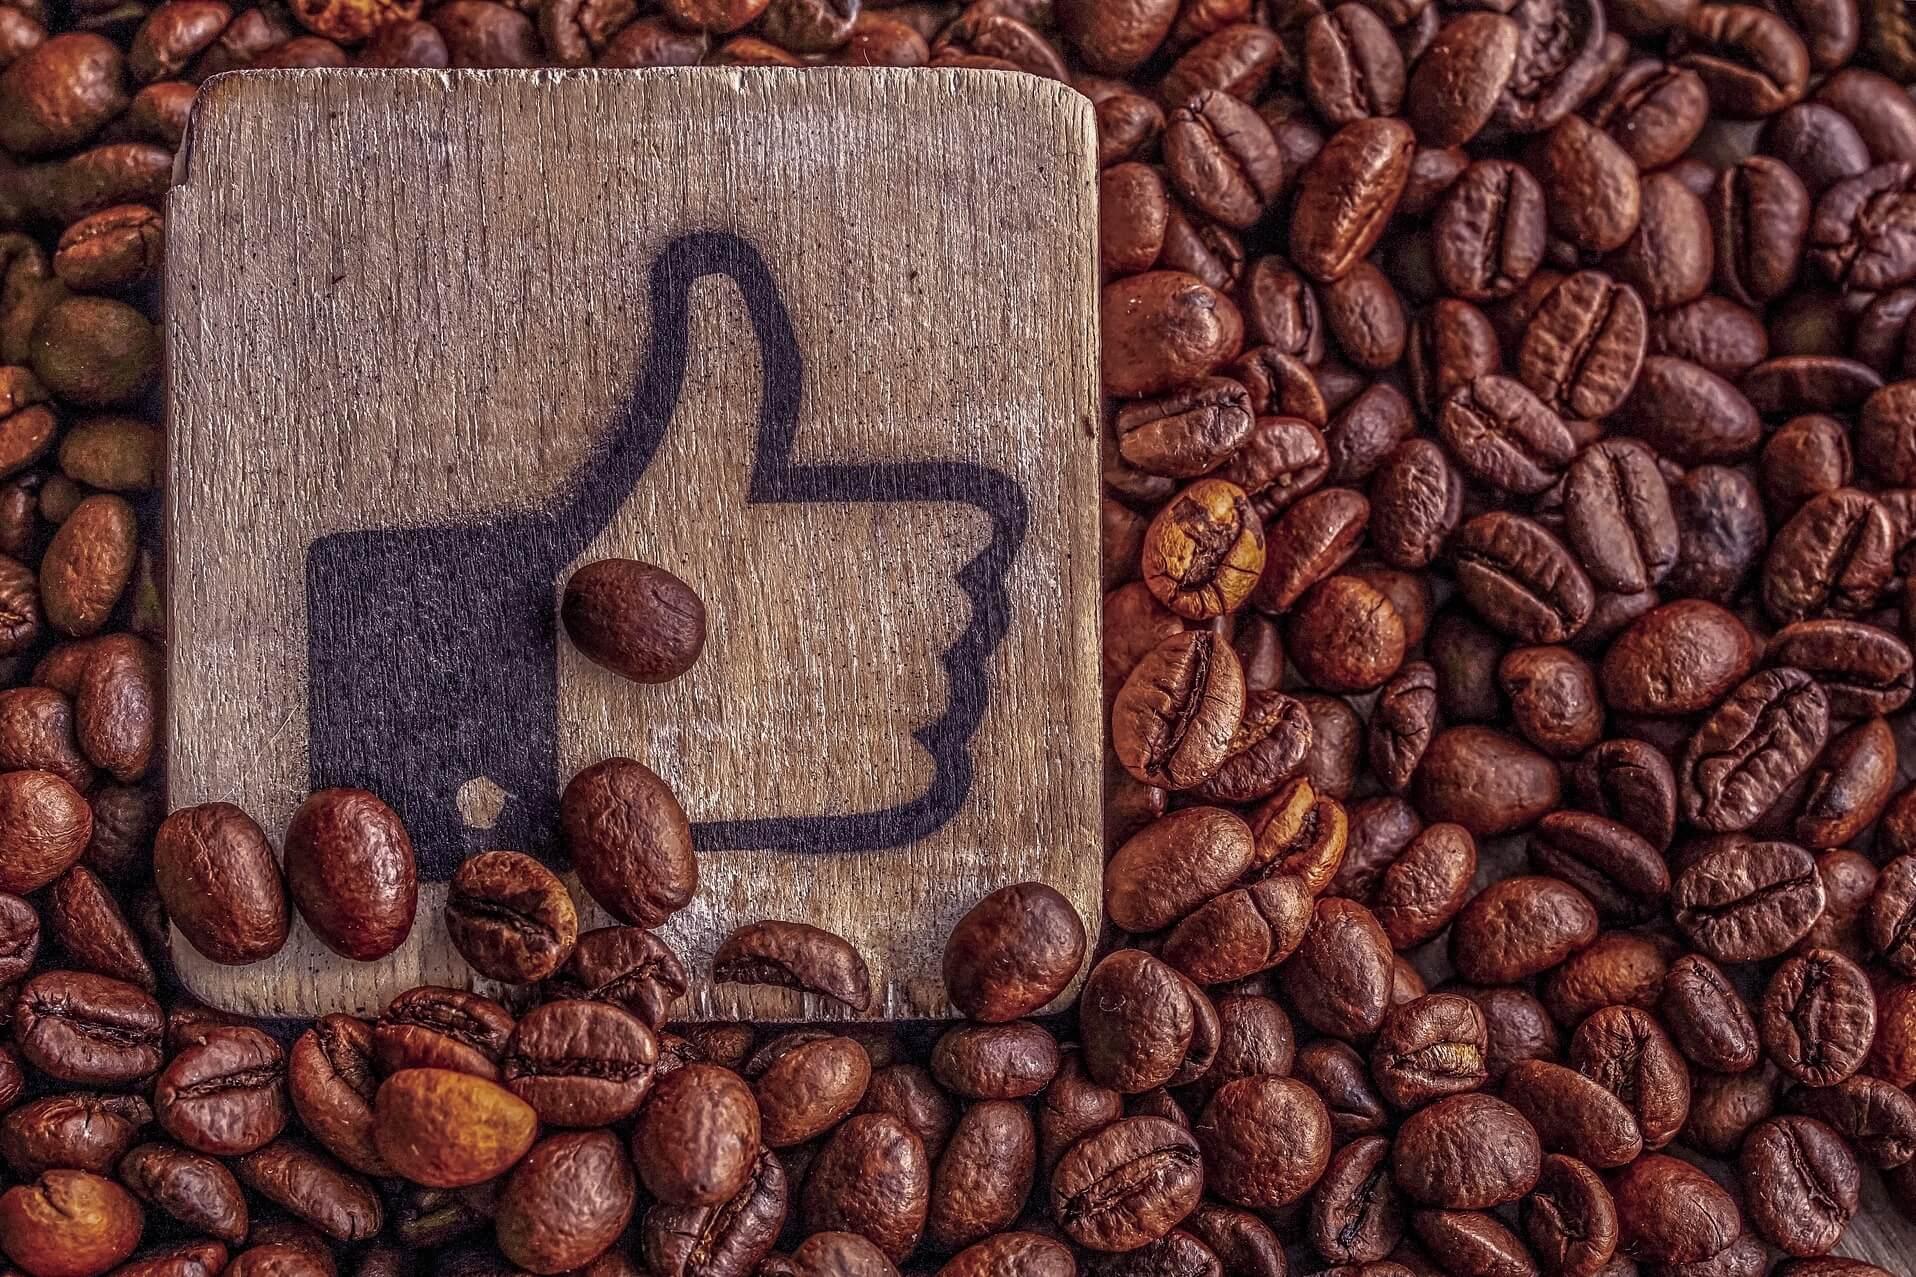 如何選擇優質咖啡豆?挑選好咖啡豆你需要注意哪些標示,這篇文章告訴你!